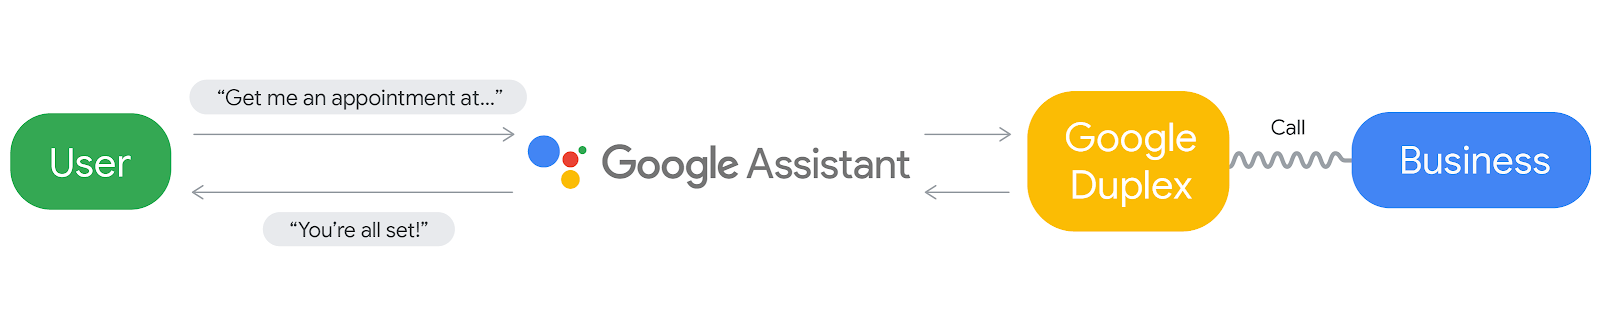 google duplex ai phone call